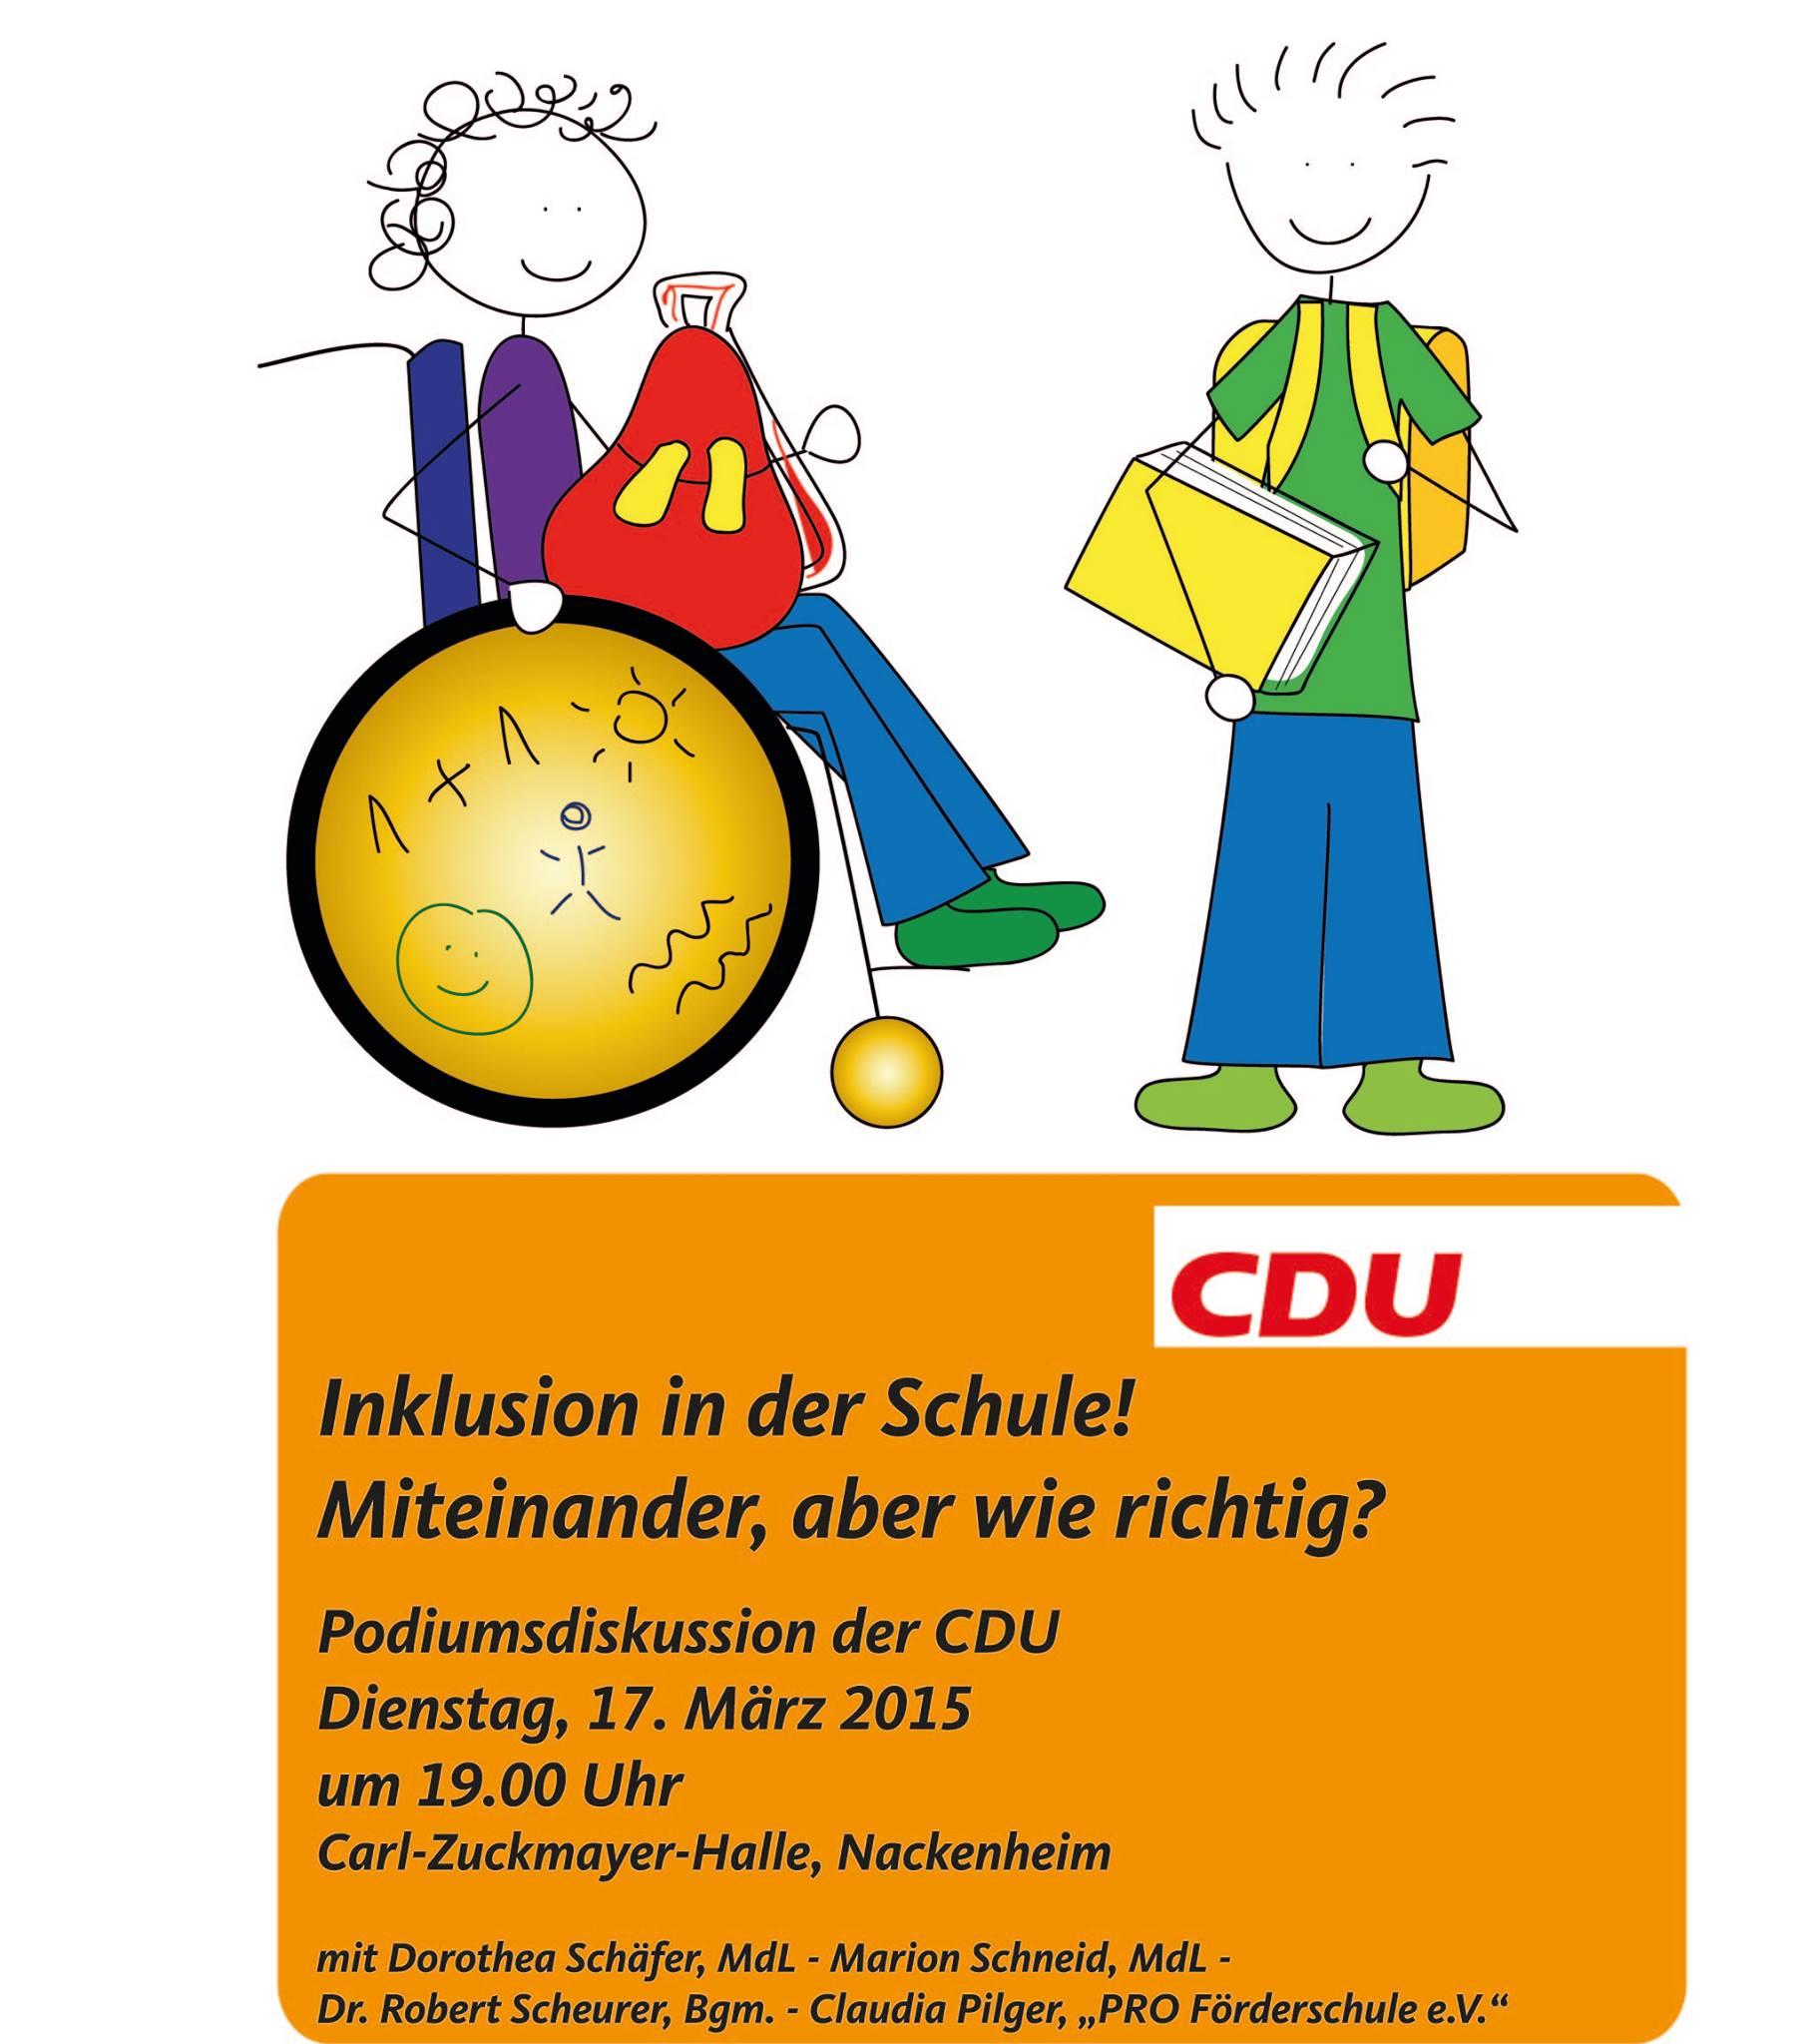 CDU Inklusion 2015